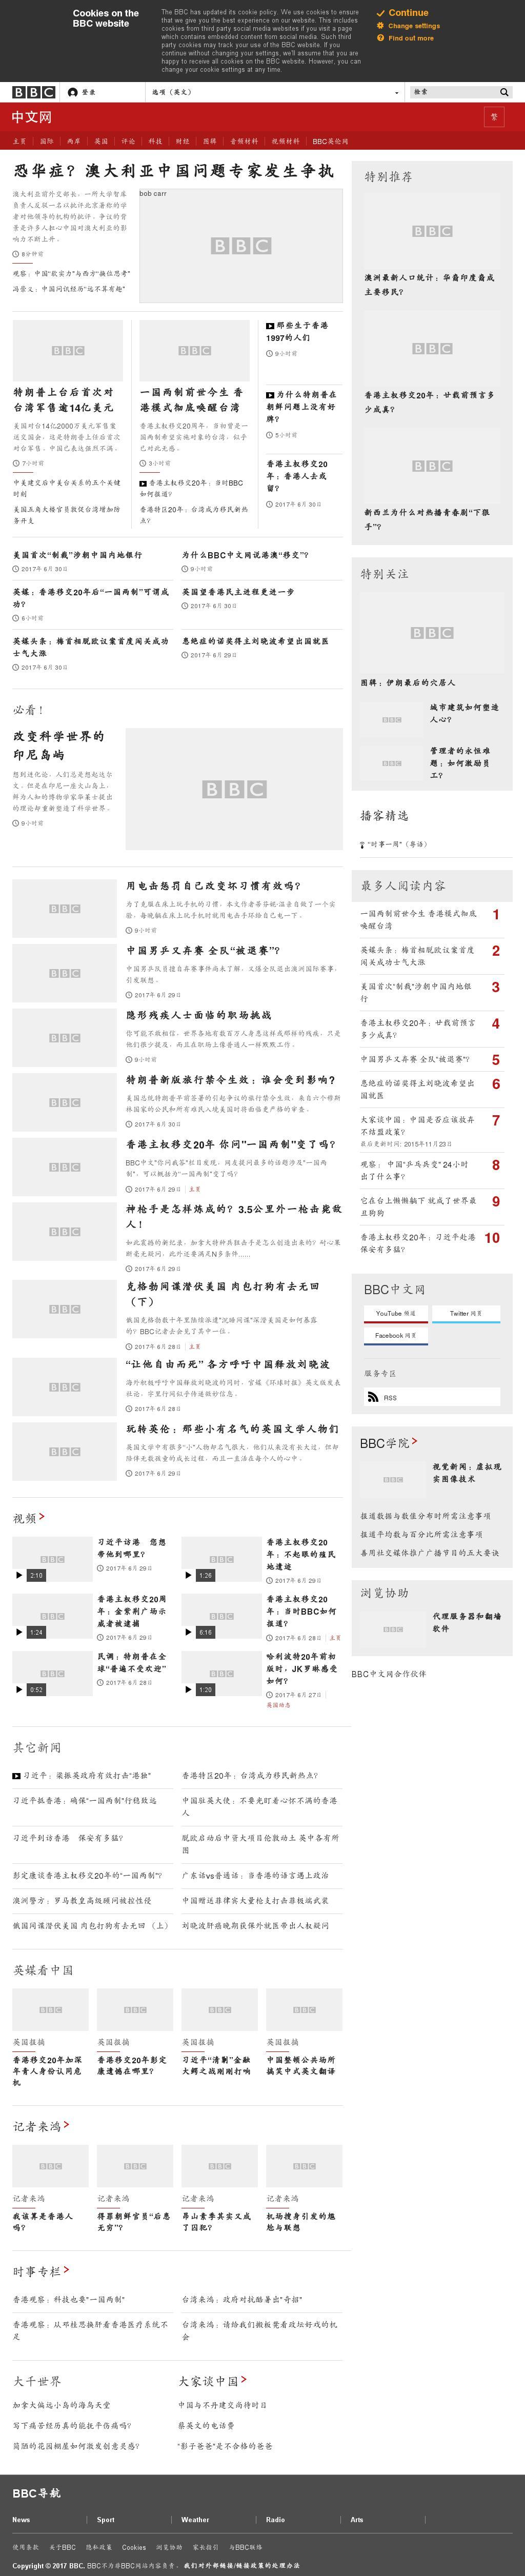 BBC (Chinese) at Friday June 30, 2017, 8:01 p.m. UTC